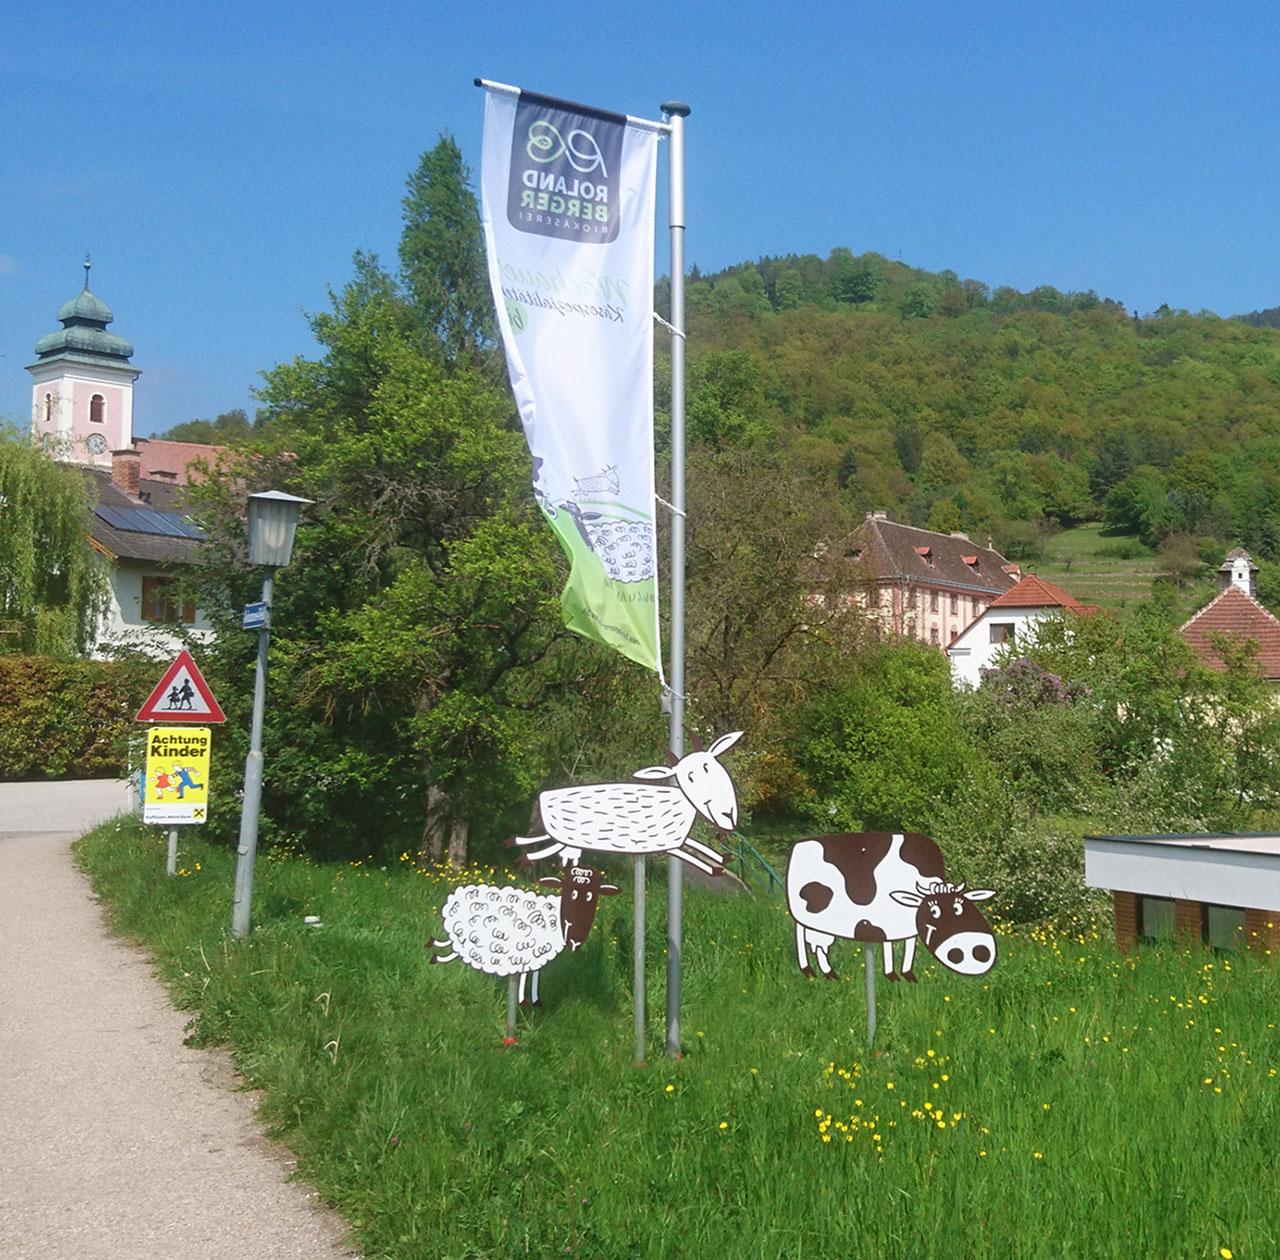 upart Referenz für Biokäserei Roland Berger aus der Wachau - Fahne